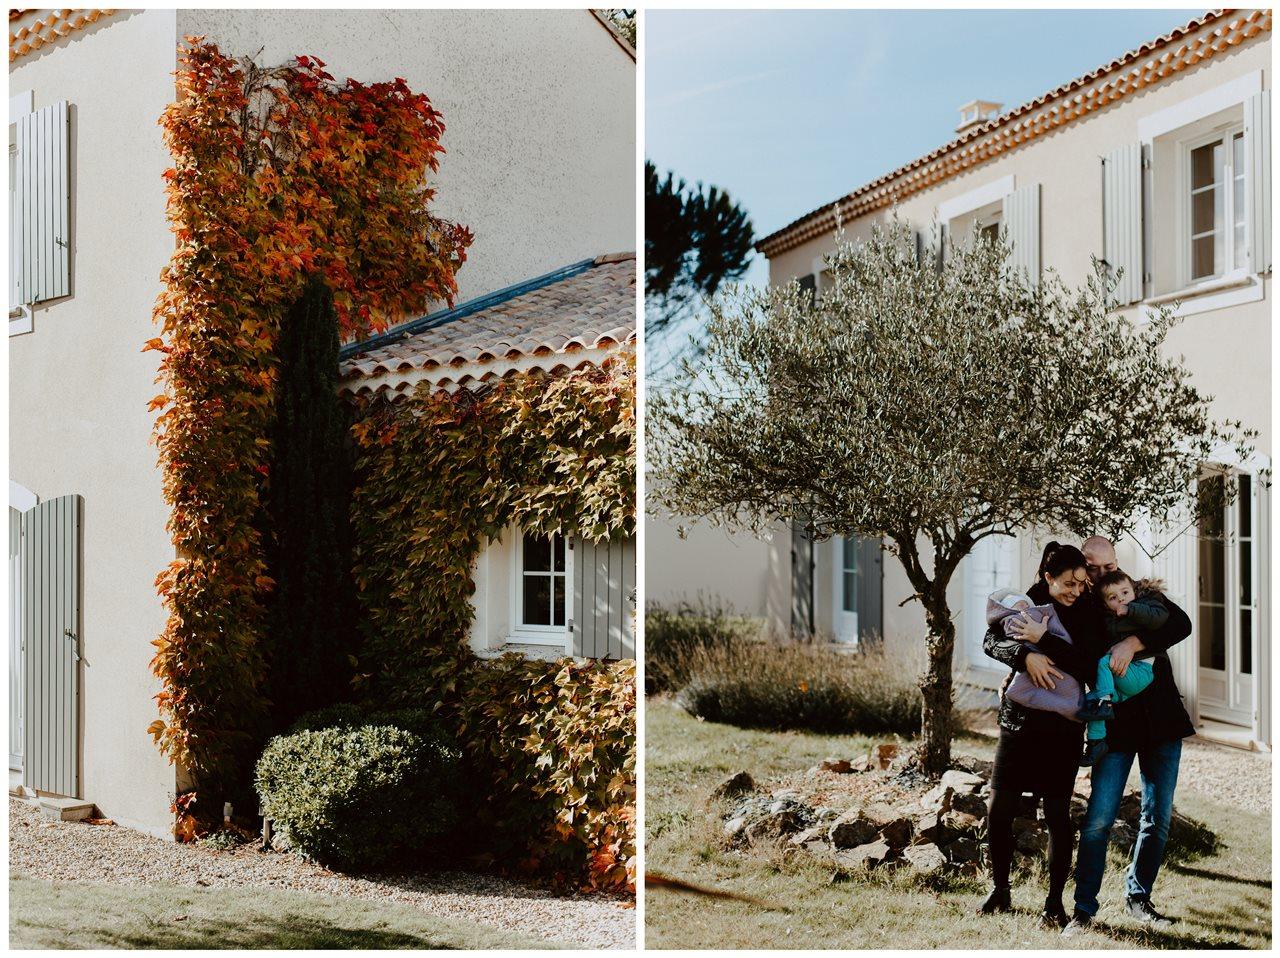 séance nouveau-né lifestyle portrait famille devant la maison détails jardin